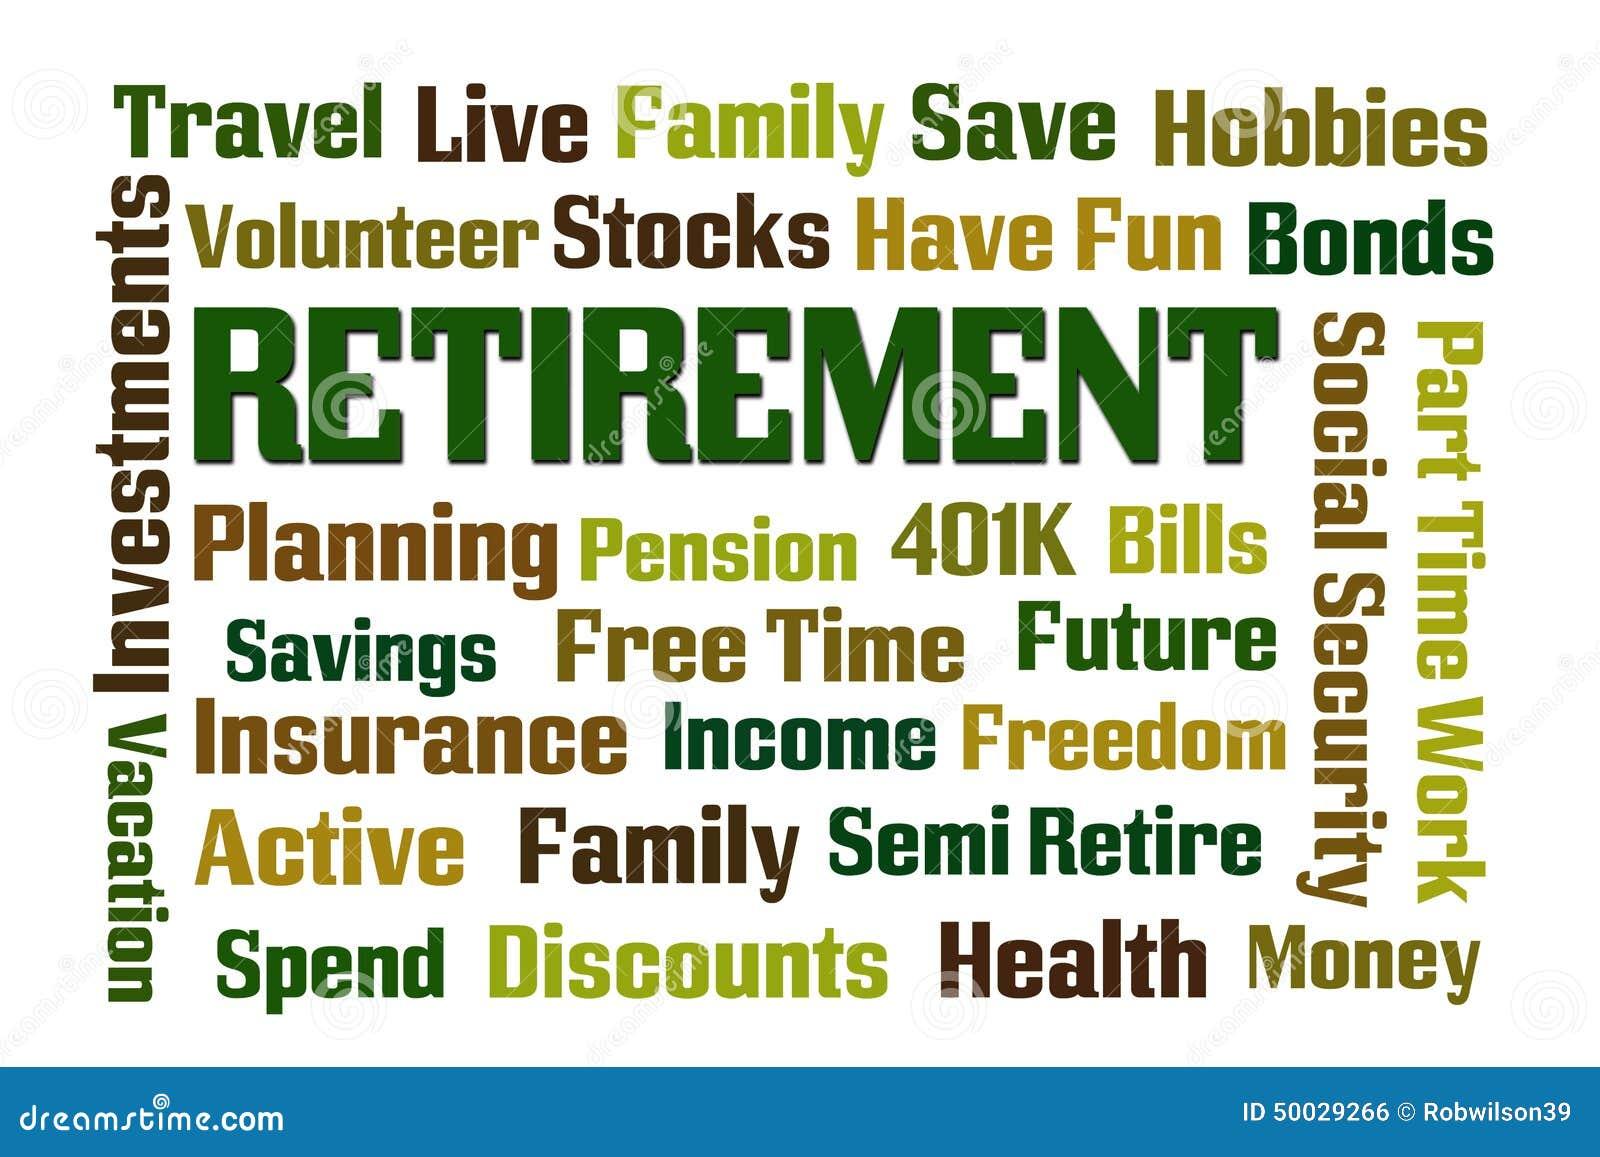 Extended Family Travel Insurance